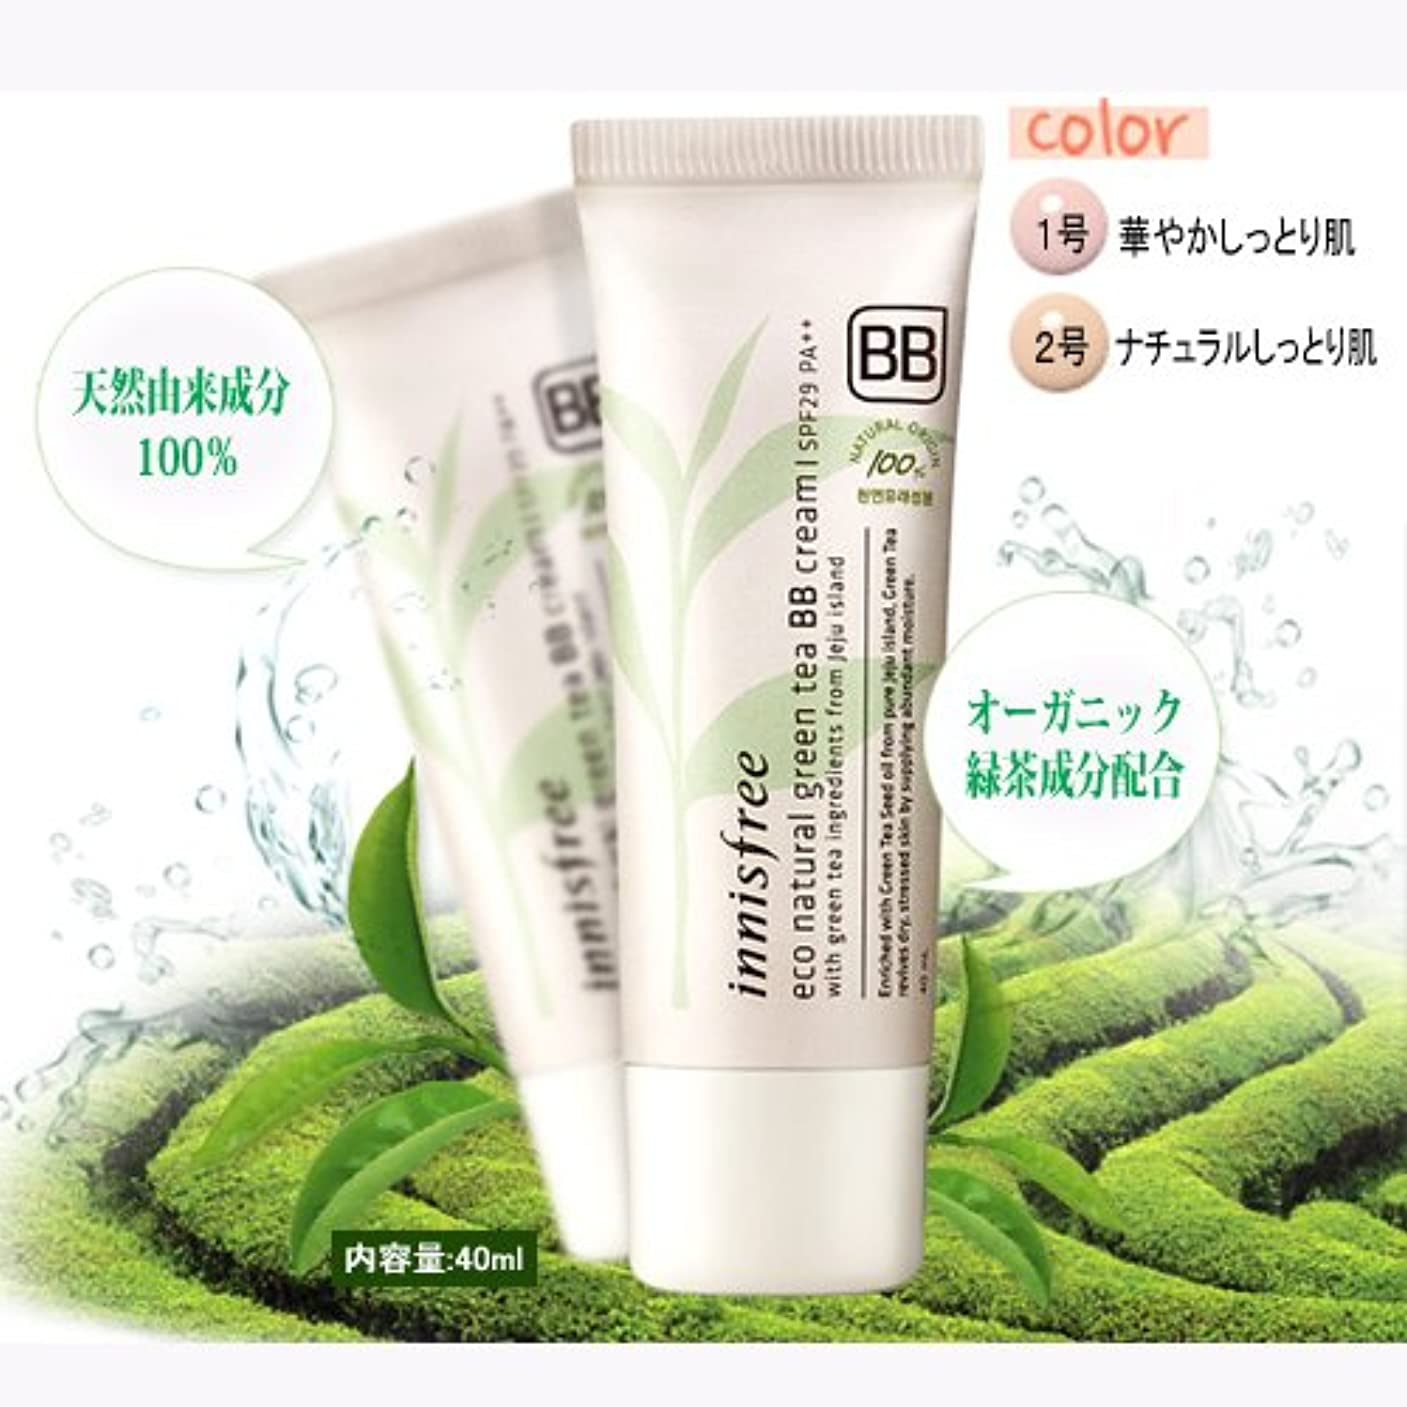 コールまっすぐミュウミュウinnisfree/イニスフリー Eco Natural Green Tea BB Cream #02/エコナチュラルグリーンティーBBクリームナチュラルなしっとりお肌 SPF29PA++40ml